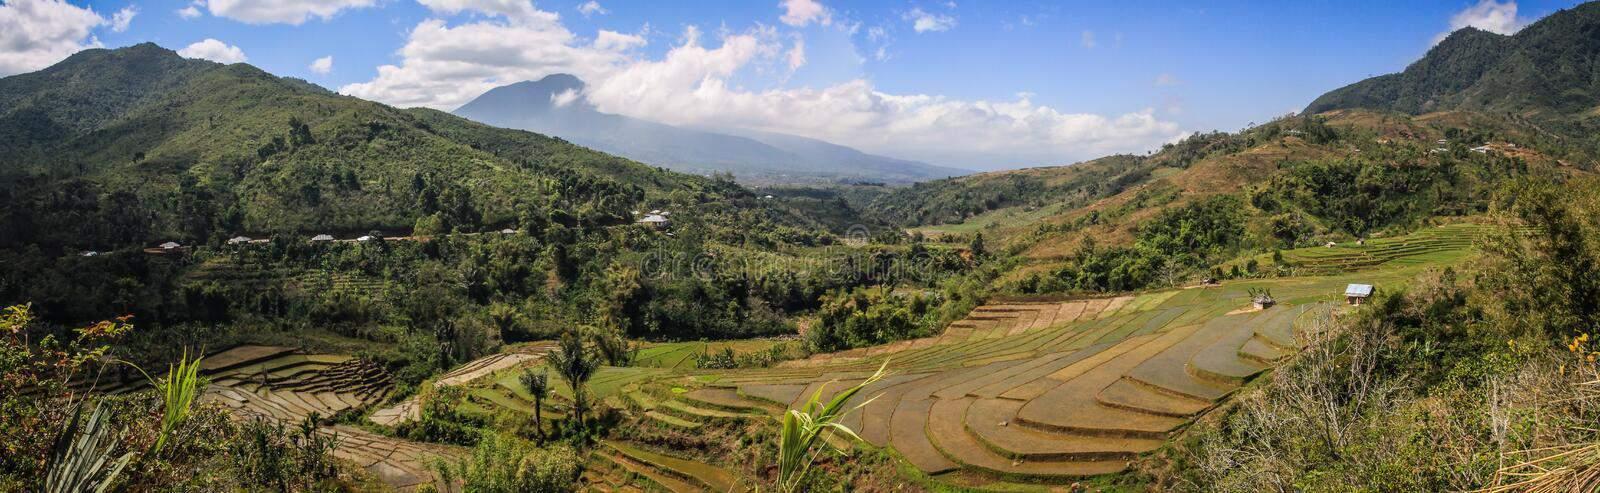 Sunda øerne rummer bla. Bali.  Balier enindonesiskvulkanø. Det er den vestligste afde små Sundaøerbeliggende mellem øerneJavamod vest ogLombokmod øst. Øen er et populært turistmål.  Bali udgør sammen med nogle få mindre naboøer, af hvilkeNusa Penidaer den største, en af Indonesiens 34provinser med 4.225.384 indbyggere.